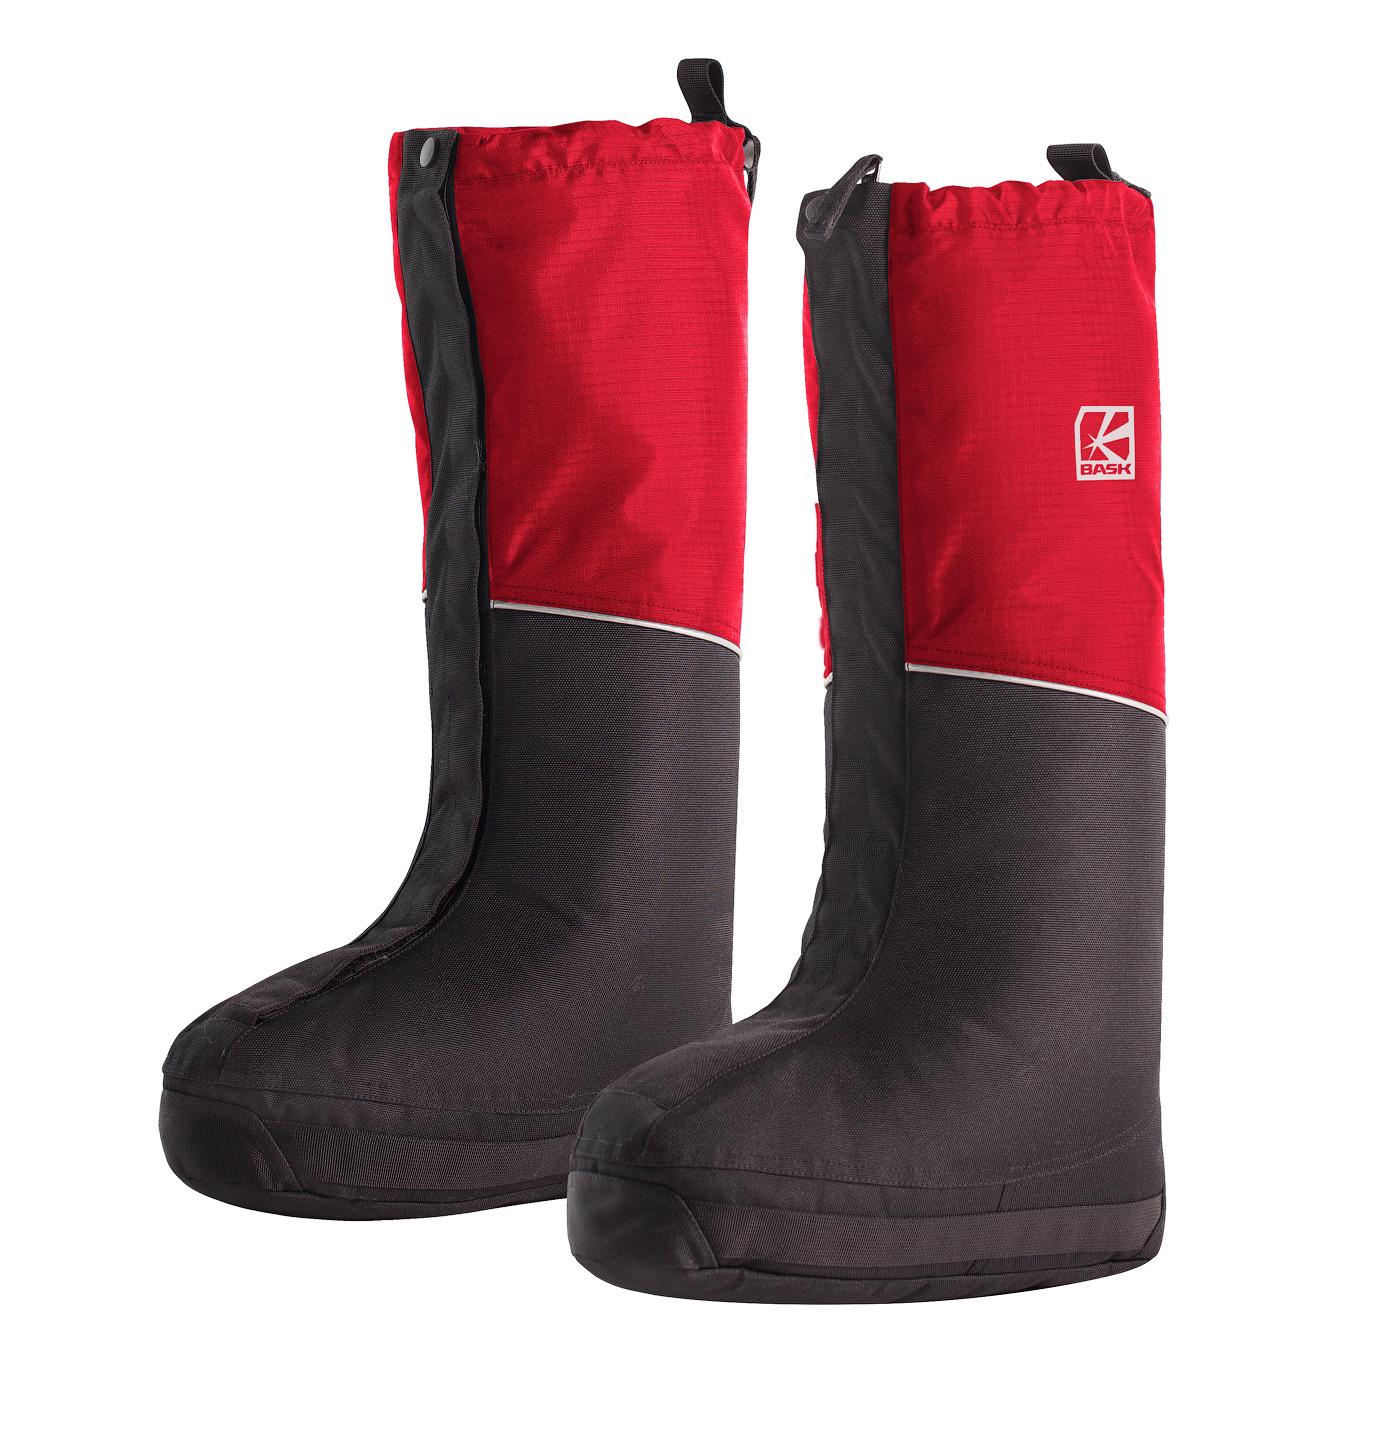 Альпинистские бахилы BASK LEGGINS V2 (красный/черный), Бахилы - арт. 996520367